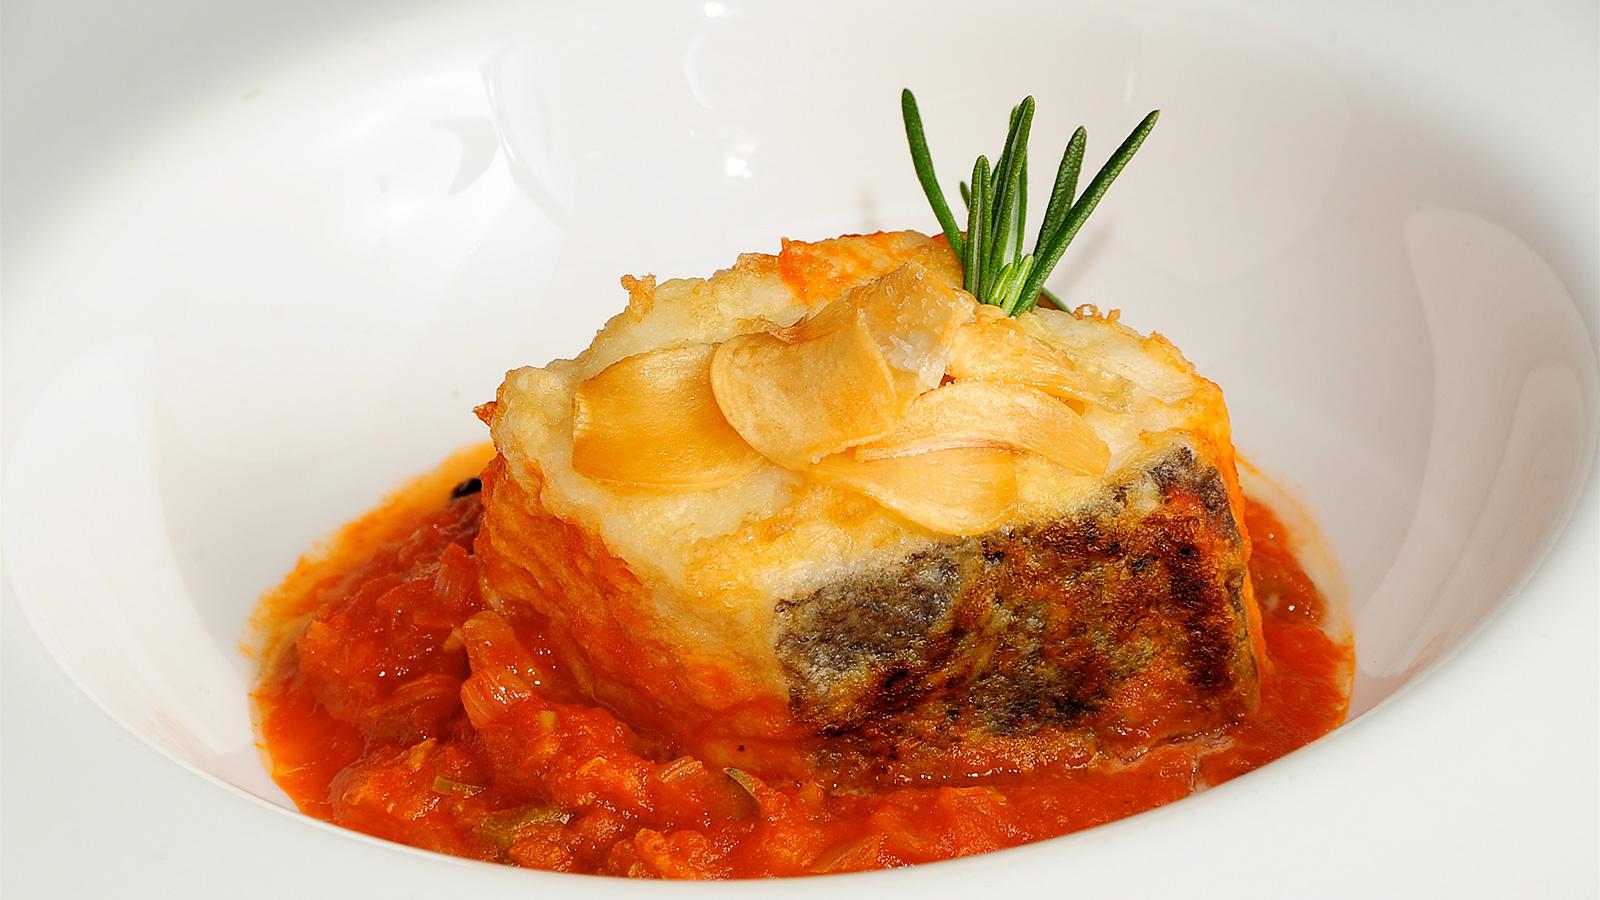 Bacalao con tomate sergio fern ndez receta canal cocina - Bacalao fresco con tomate ...